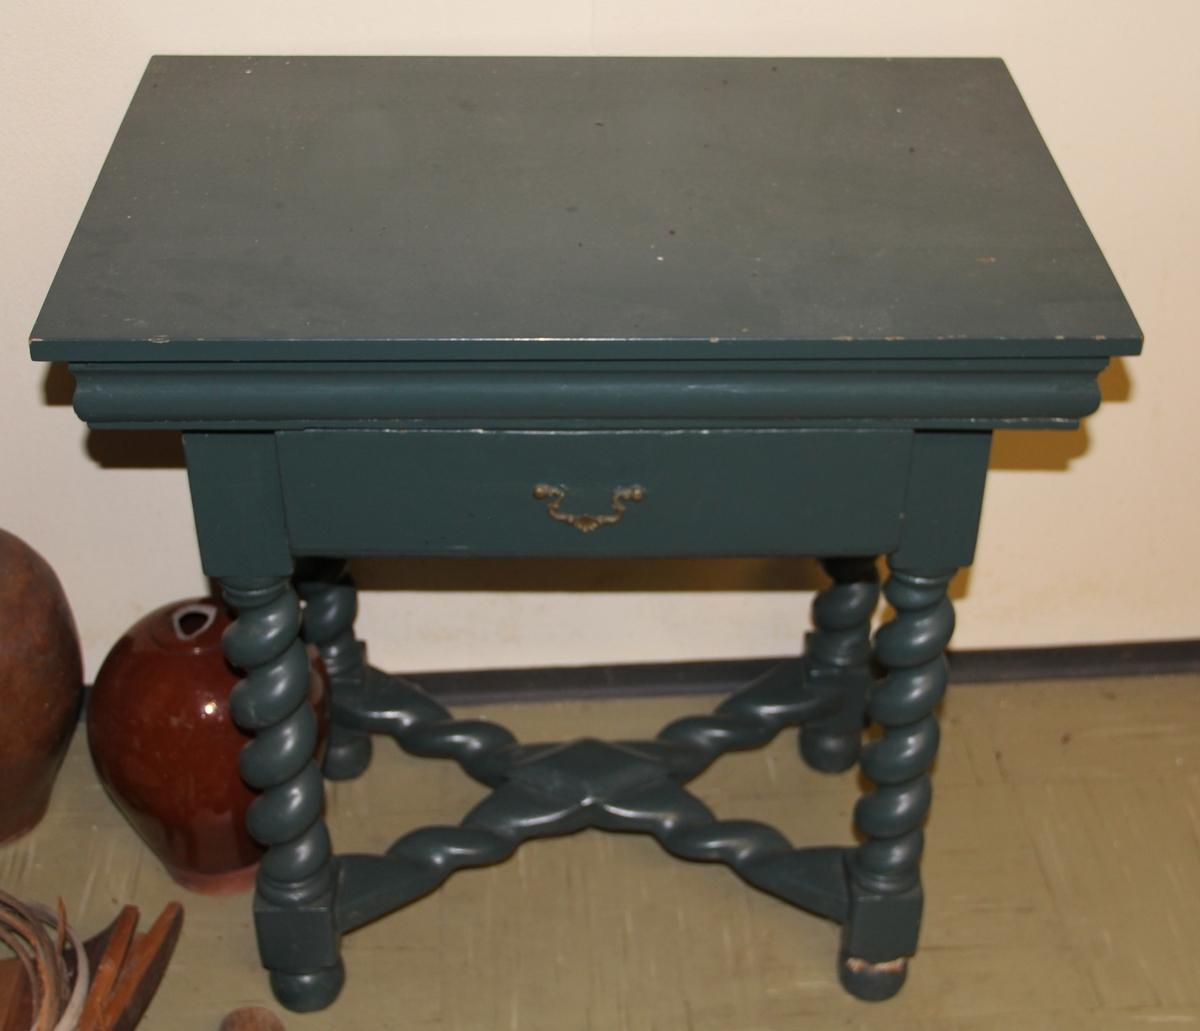 Brunt bord i tre med messingbeslag. Stolpekonstruksjon. Rektangulær form. Dreide bein. Blåbrun dekor under bordplata: Stjerne i sirkel med akantus rundt. Oppmalt i 1948.